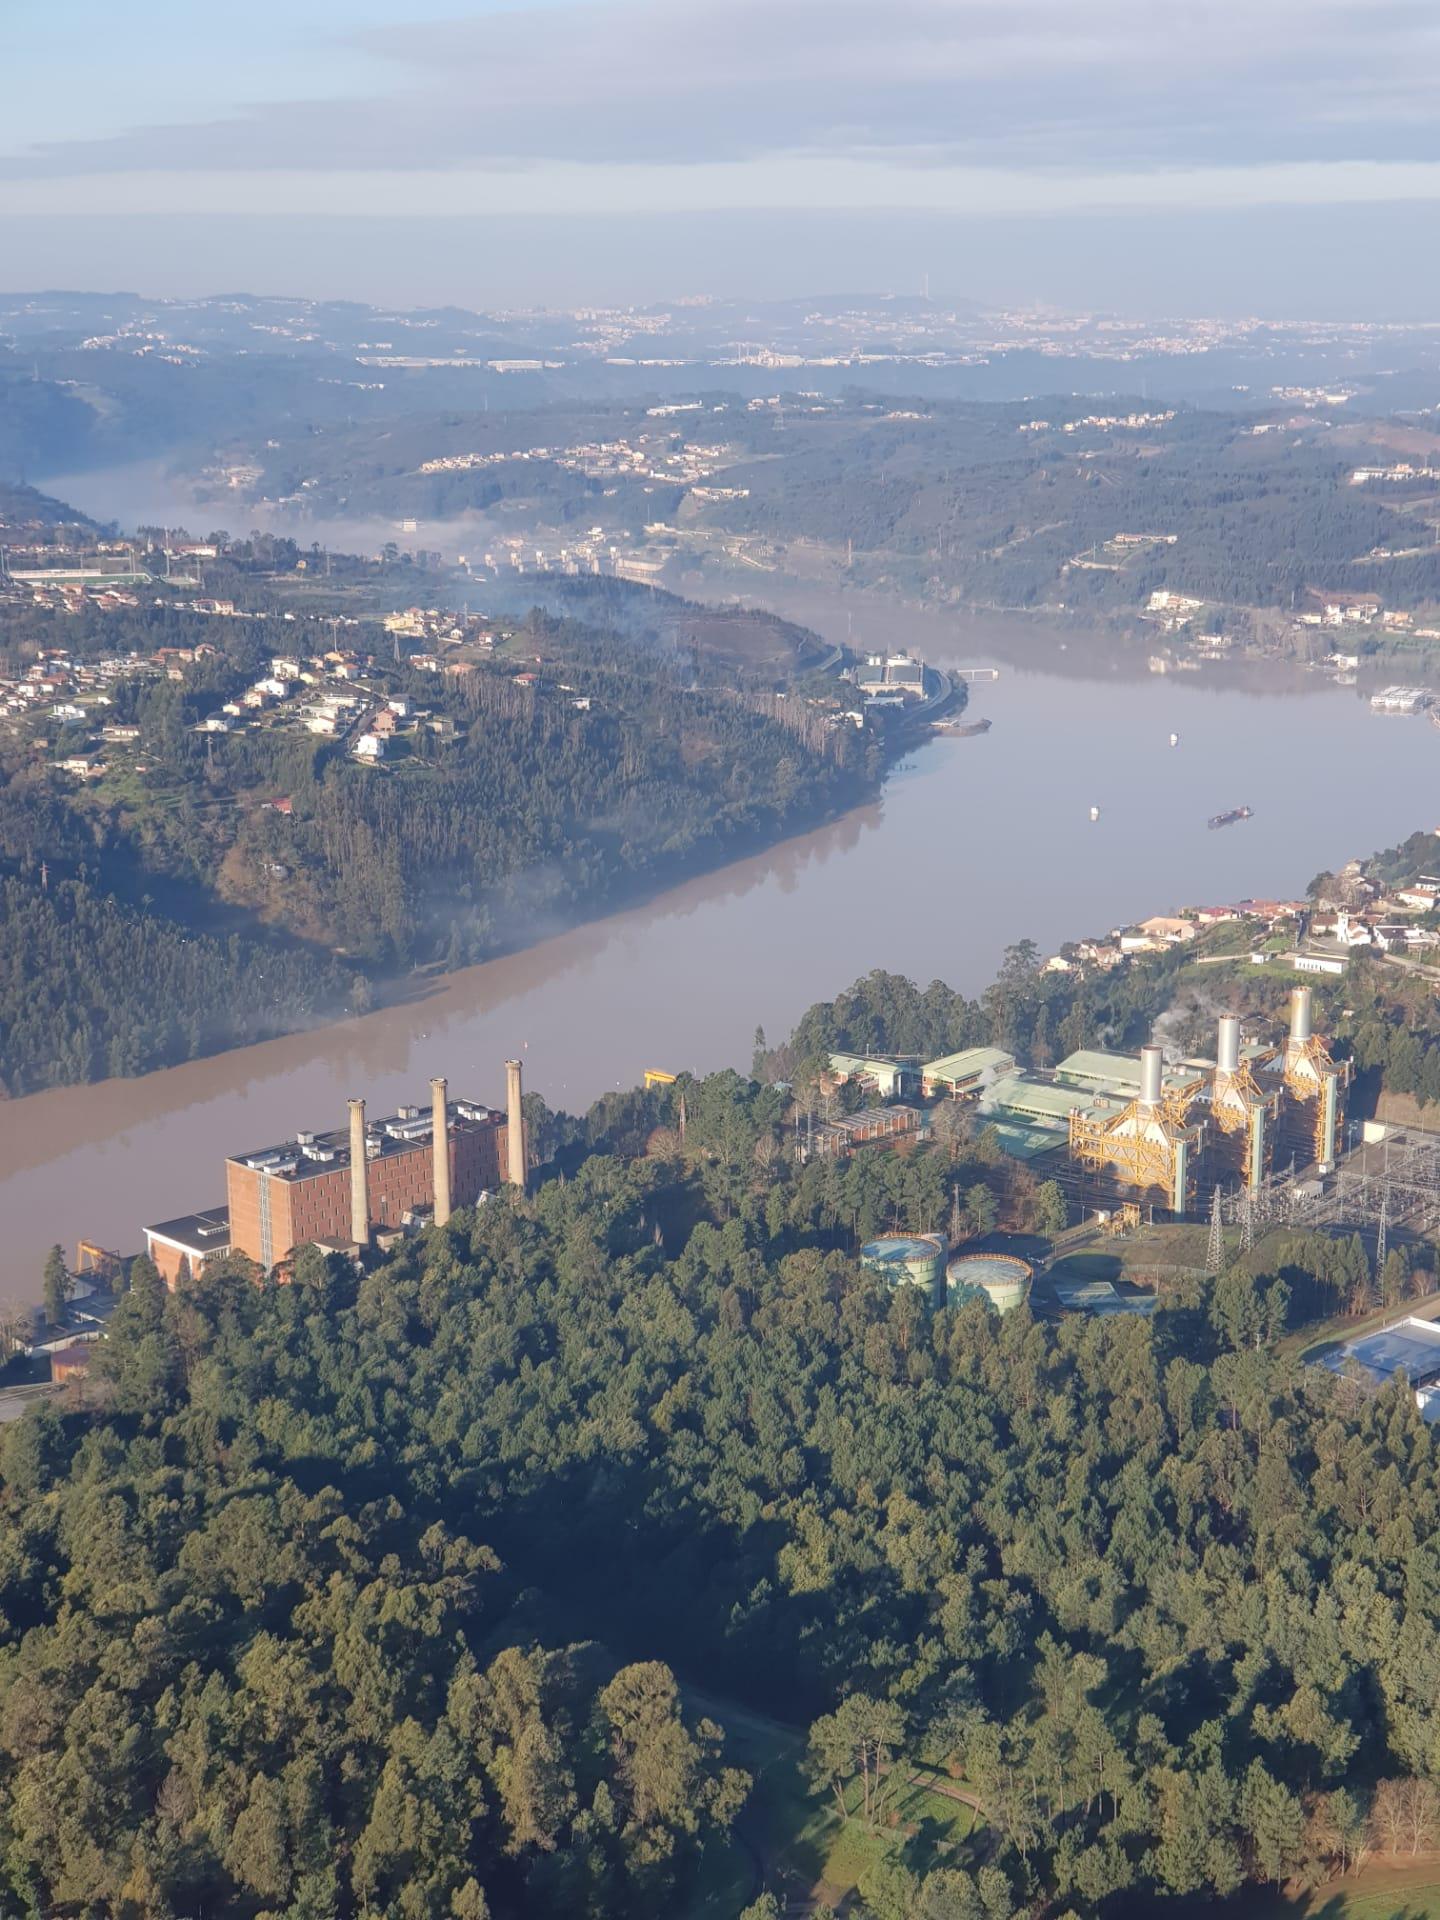 LM-Arquivo-Douro-Paiva-Foto-Aerea-ETA-Lever-067